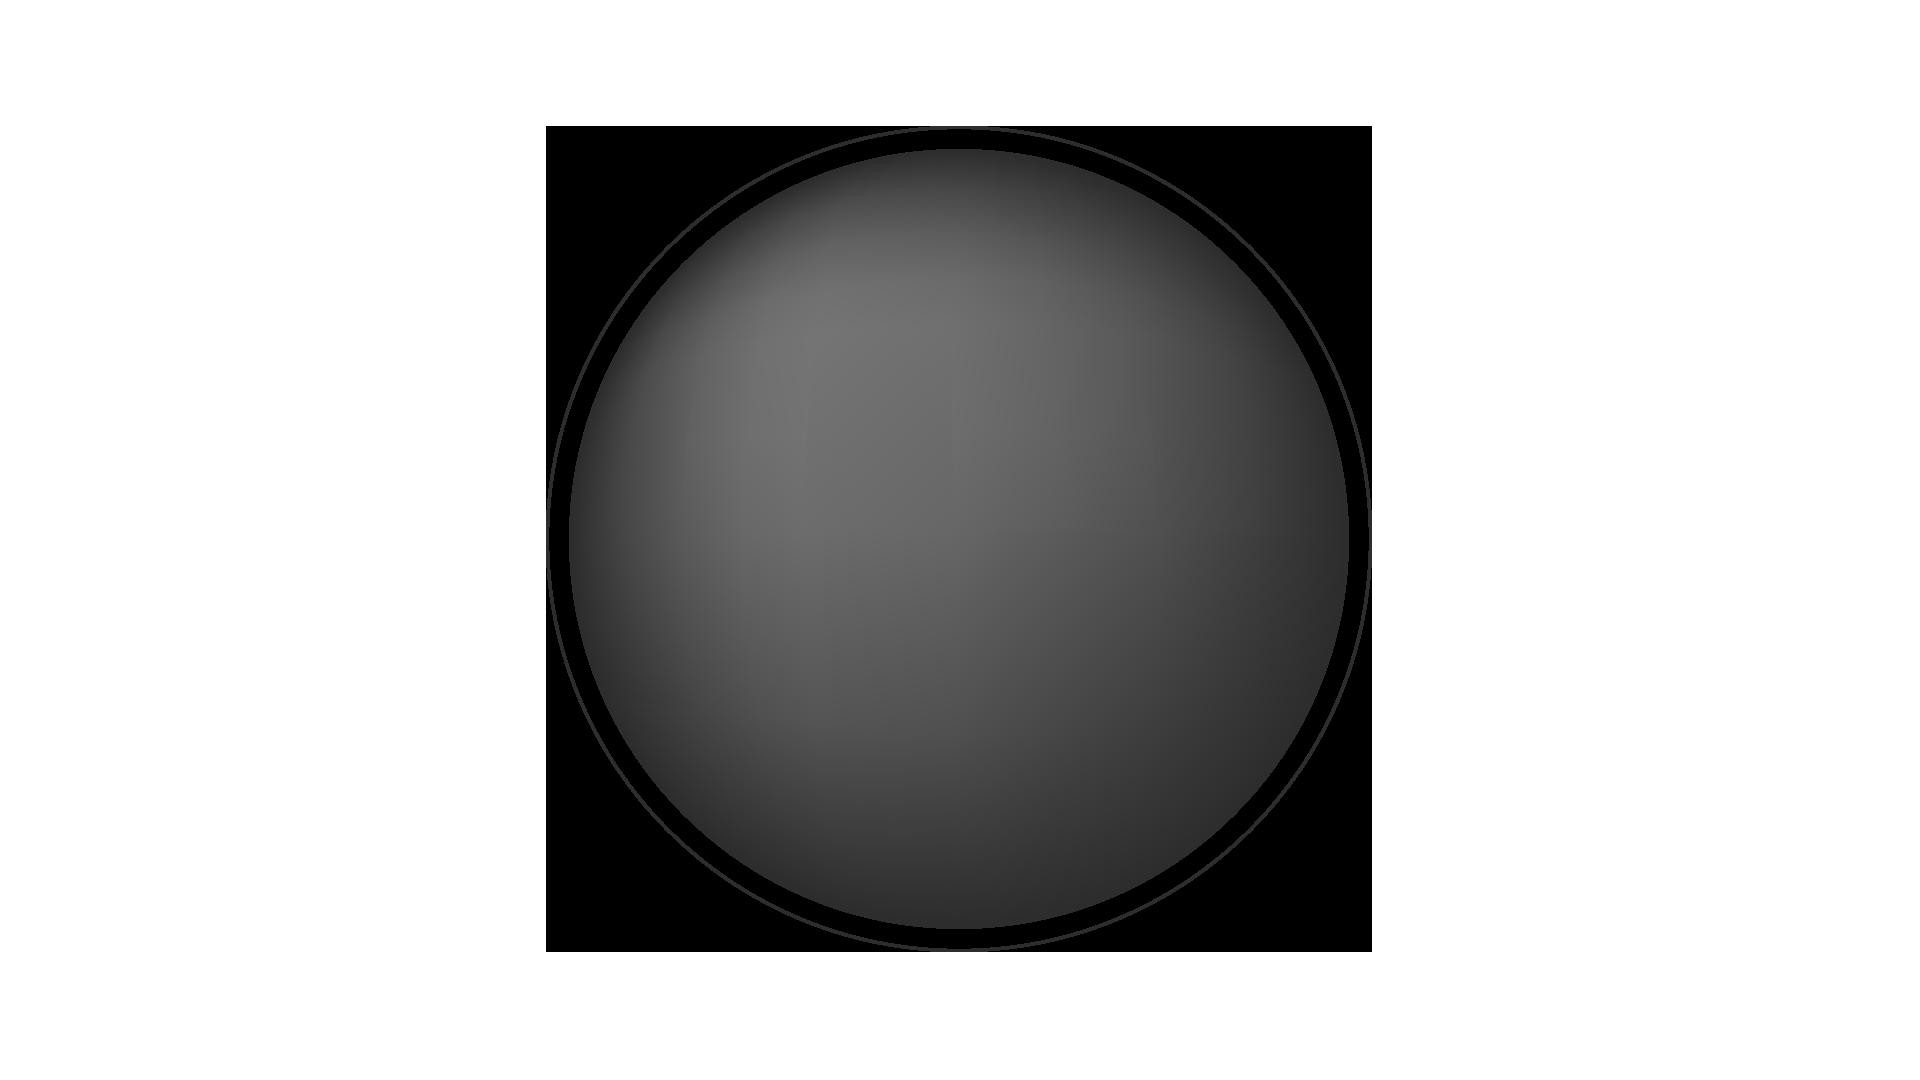 Access-Optic-Verre-Polarise